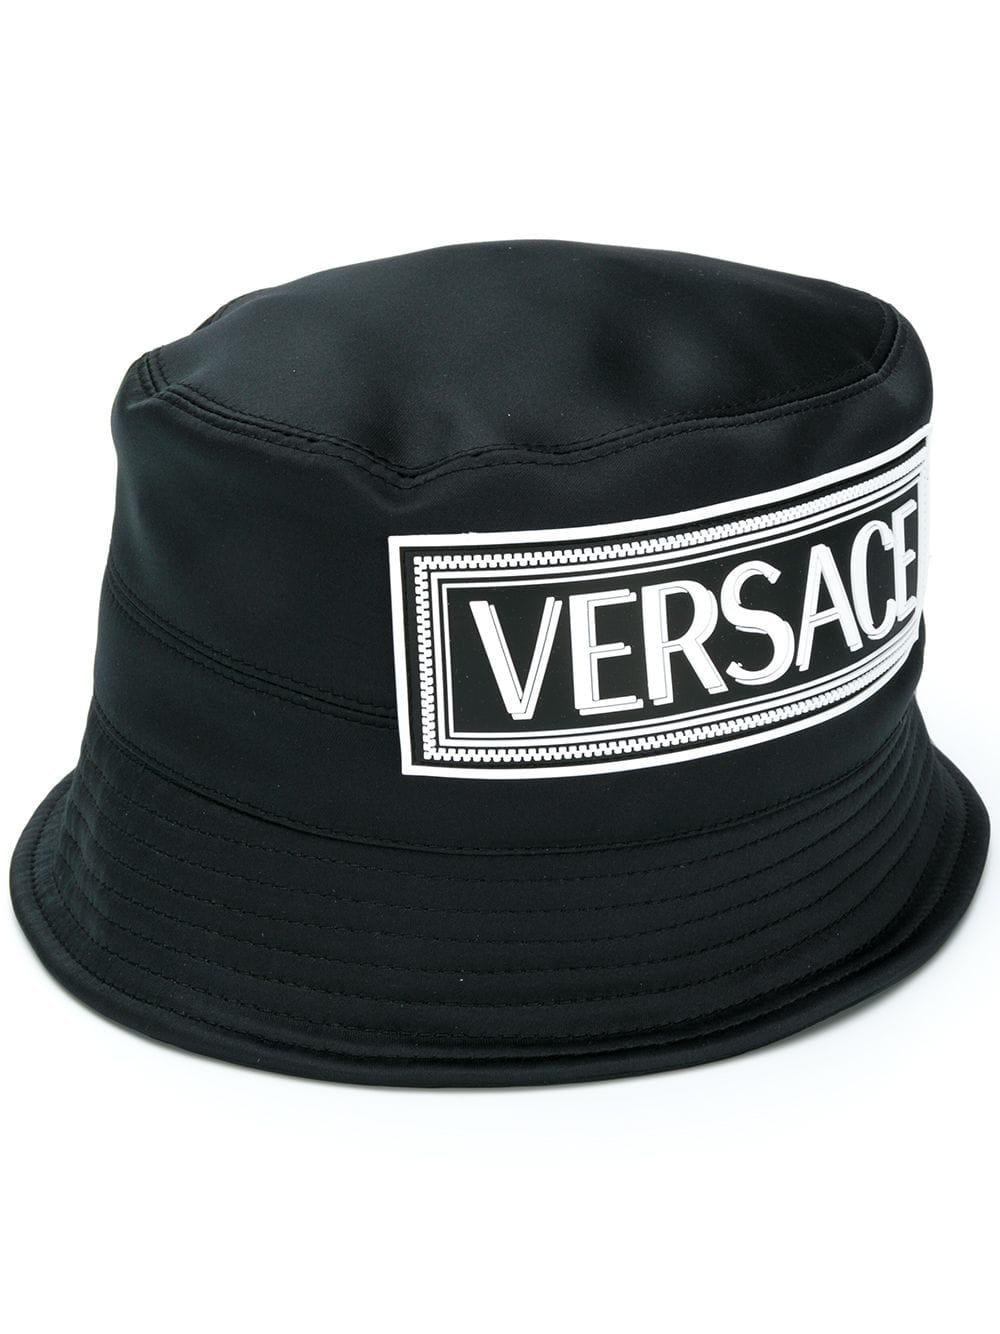 48eea99ad9334 Versace 90S Logo Bucket Hat - Black